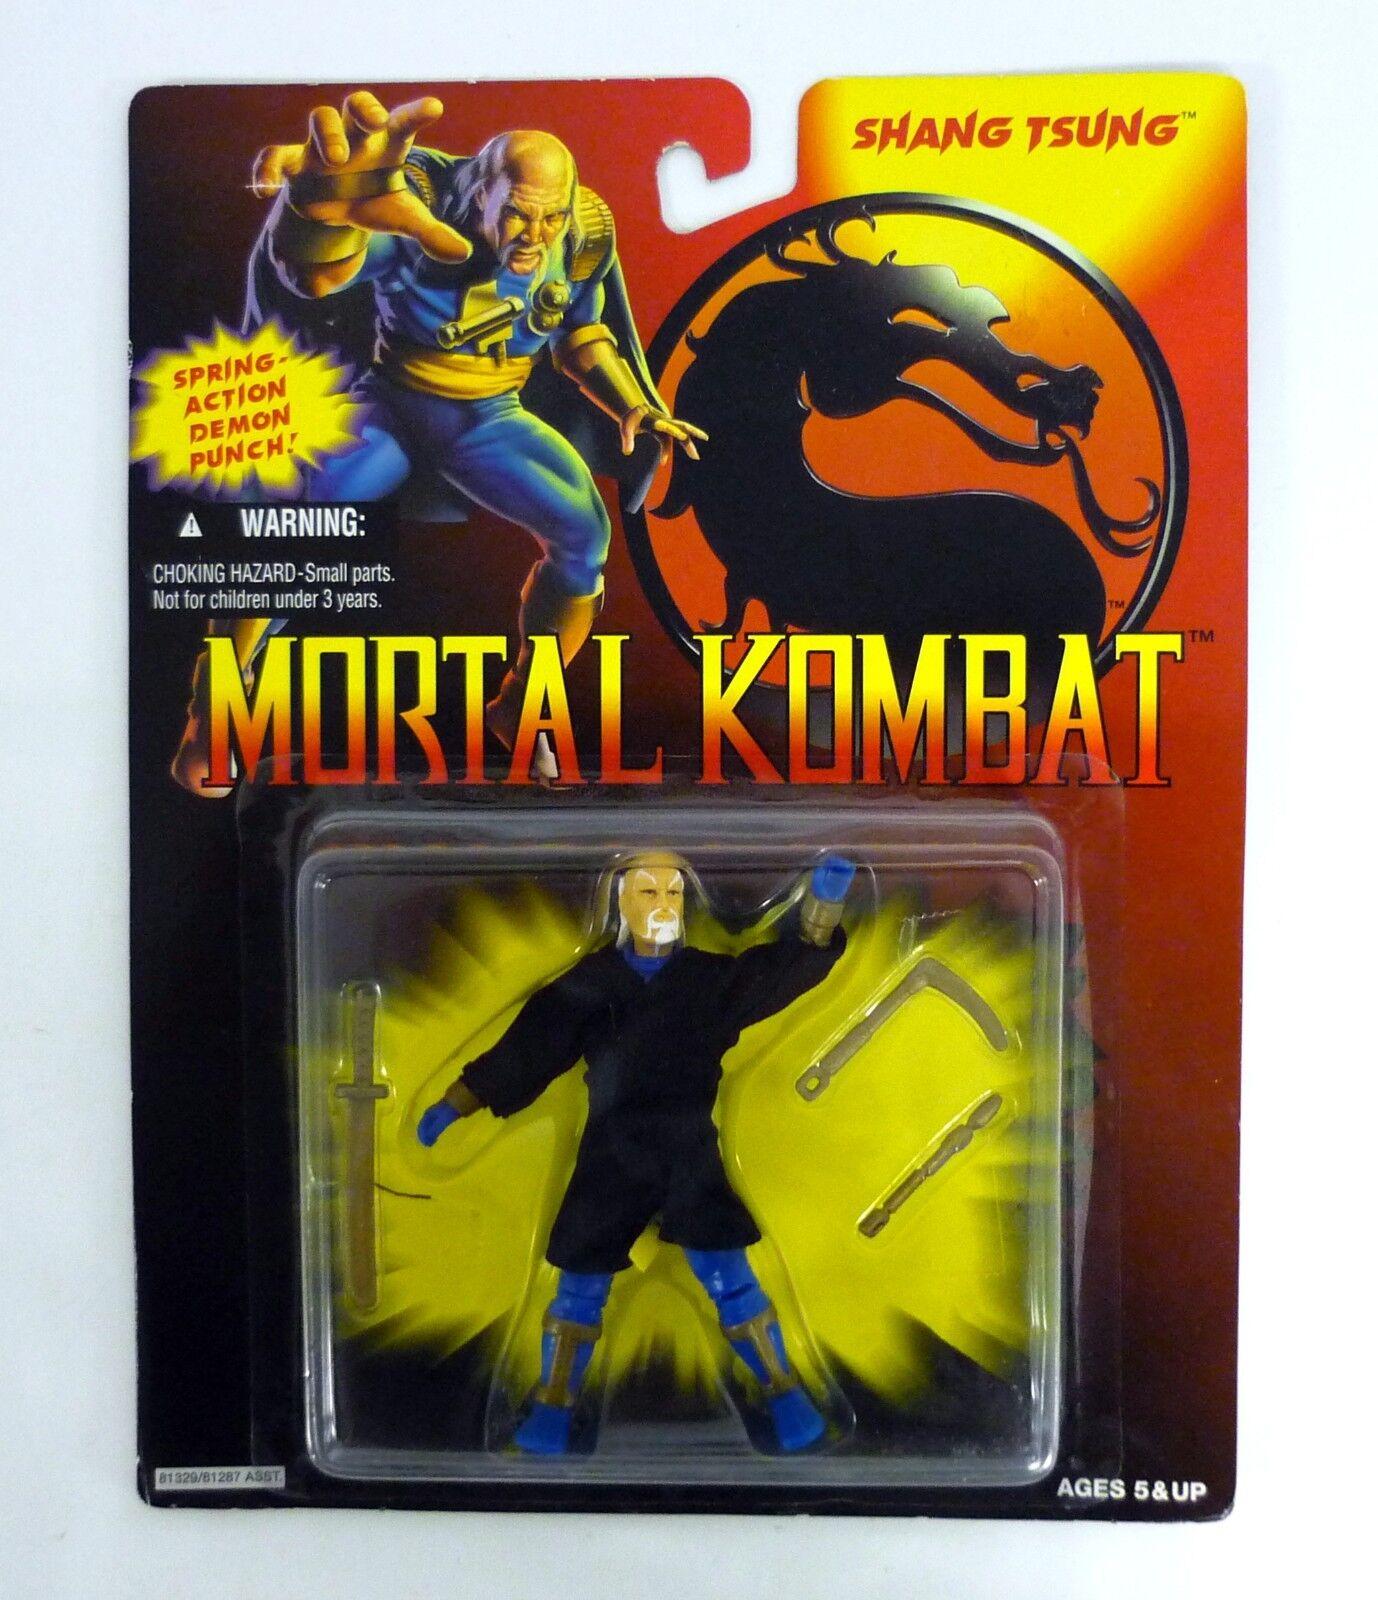 MORTAL KOMBAT SHANG TSUNG Vintage GI Joe Action Figure MOC COMPLETE 1994